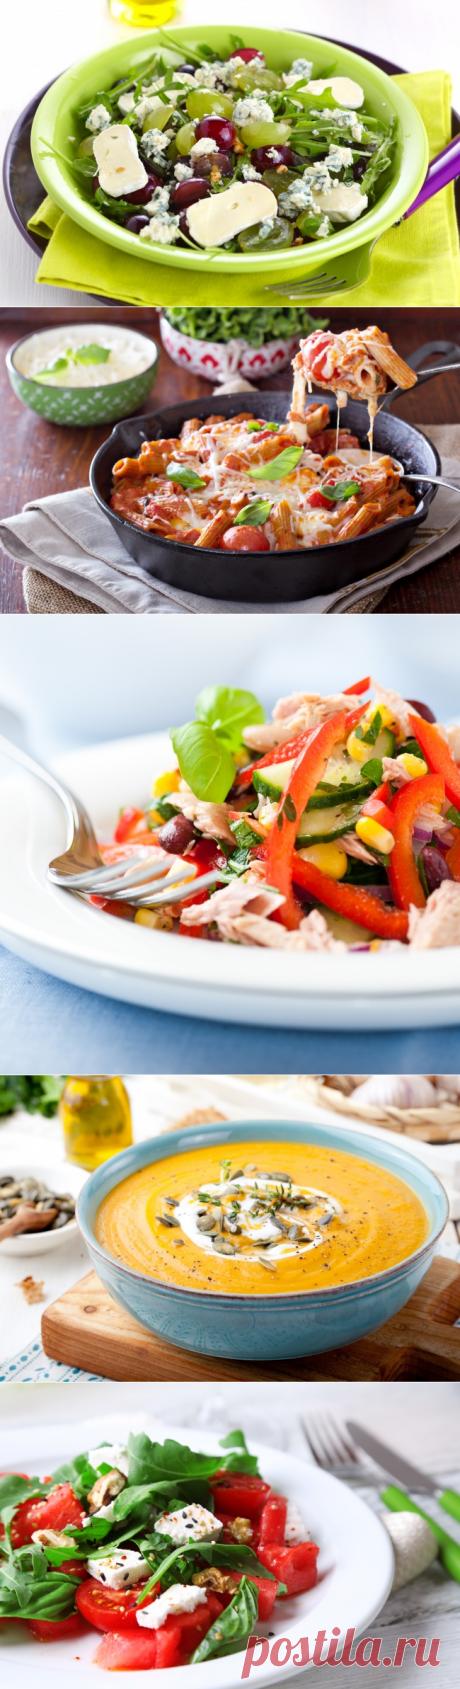 8 рецептов для лентяев, которые любят вкусно поесть